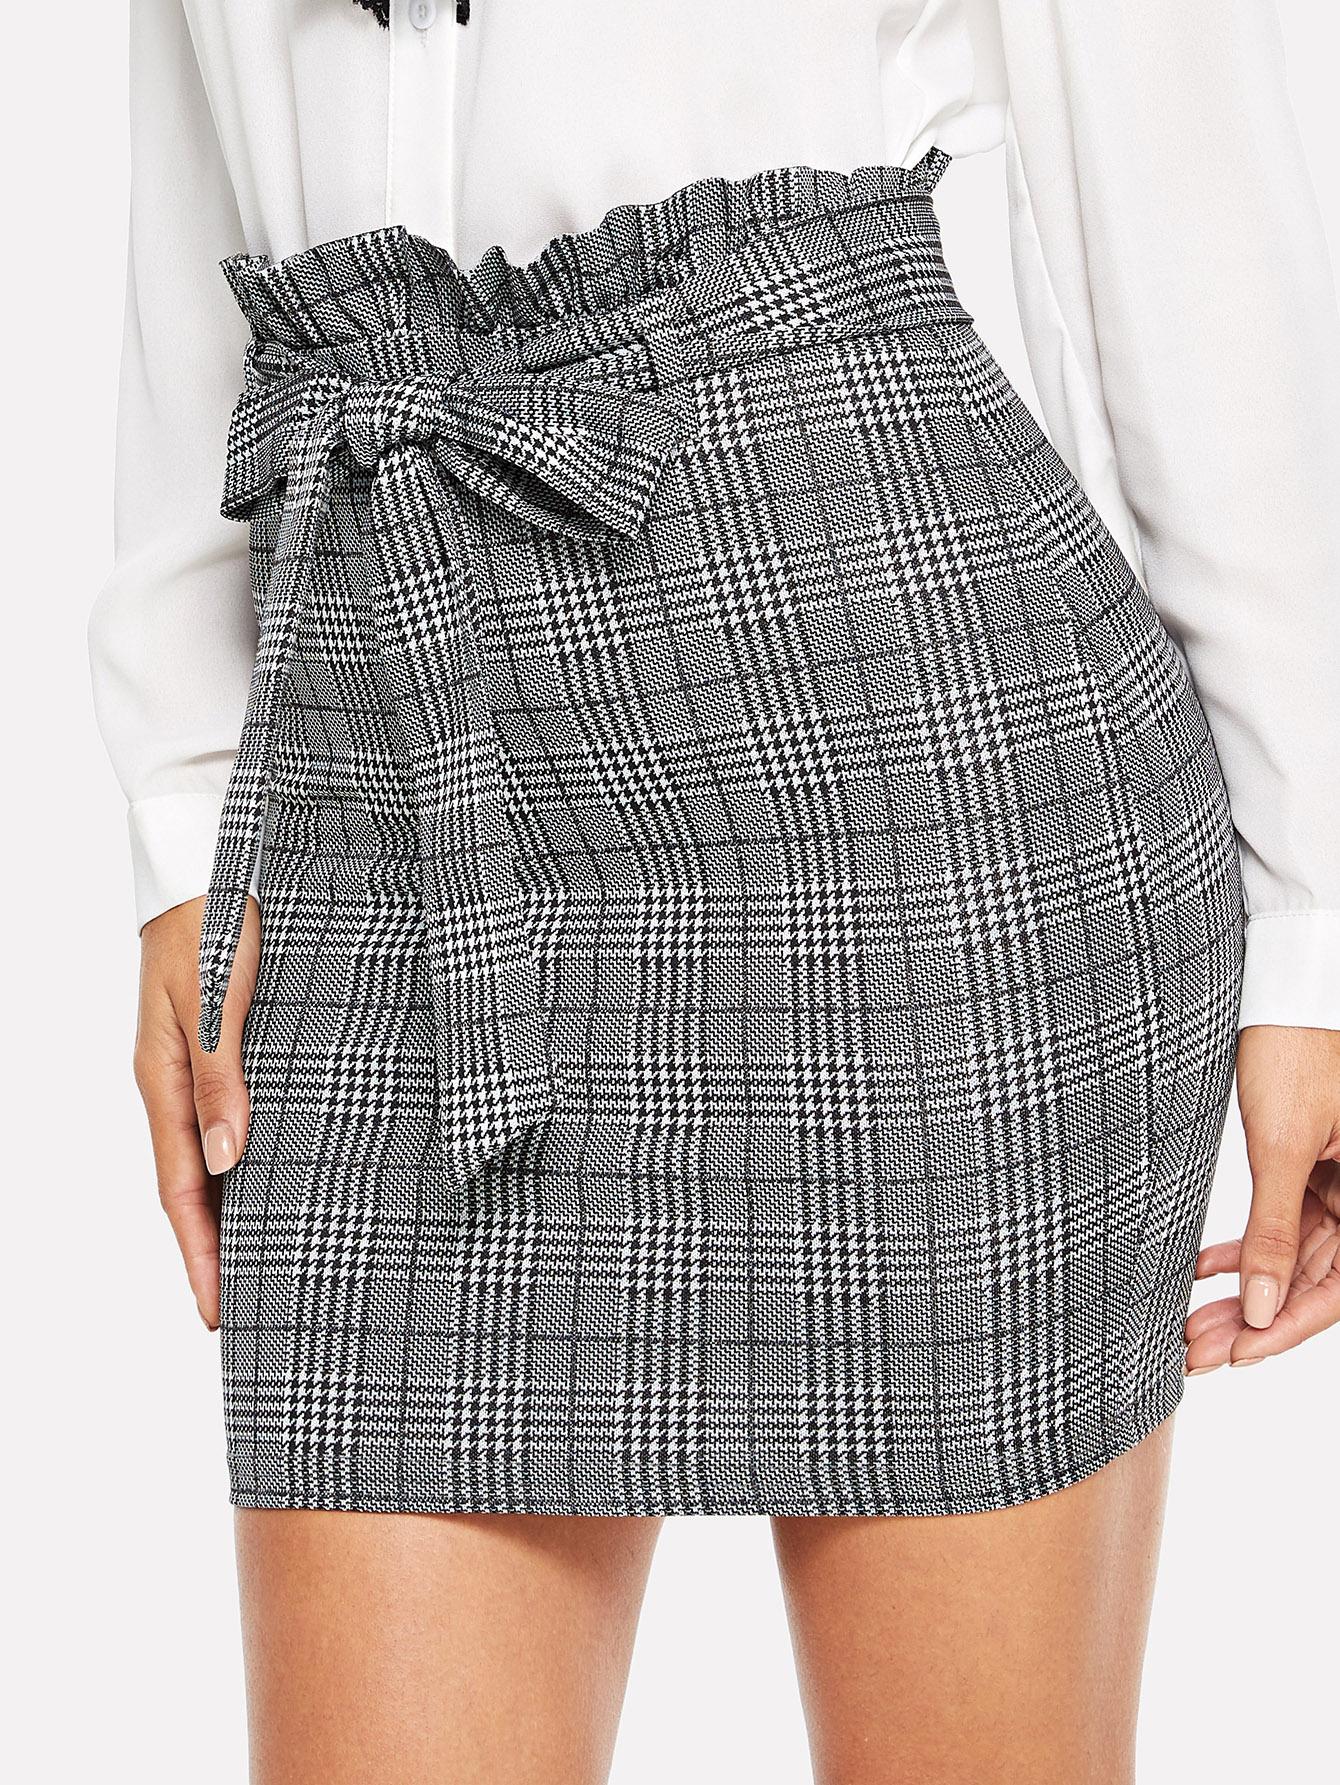 Купить Приталенная юбка в клетку с плиссированной талией, Juliana, SheIn